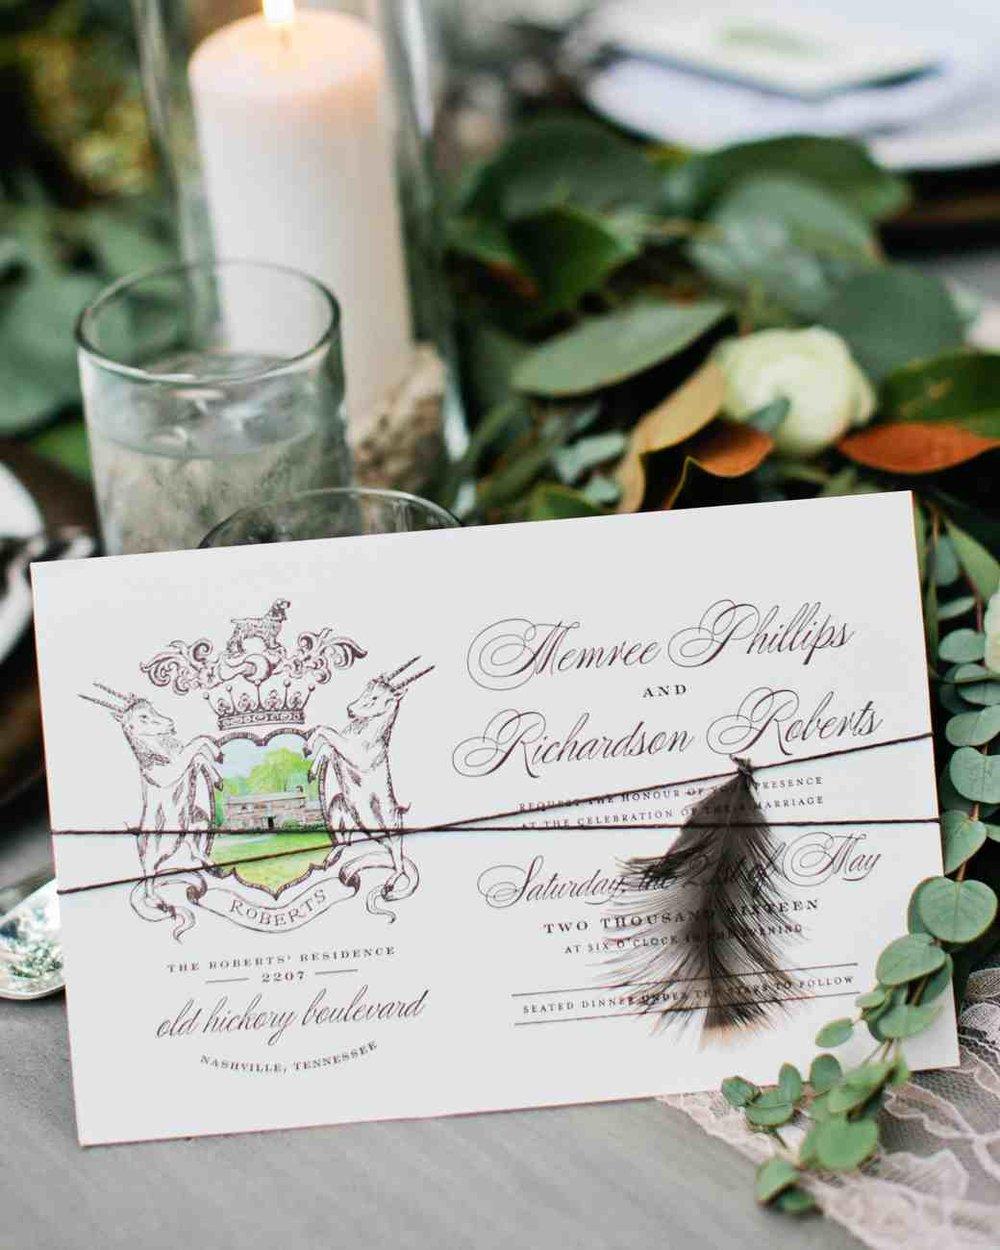 memree-rich-wedding-invitation-704-6257086-0217_vert.jpg